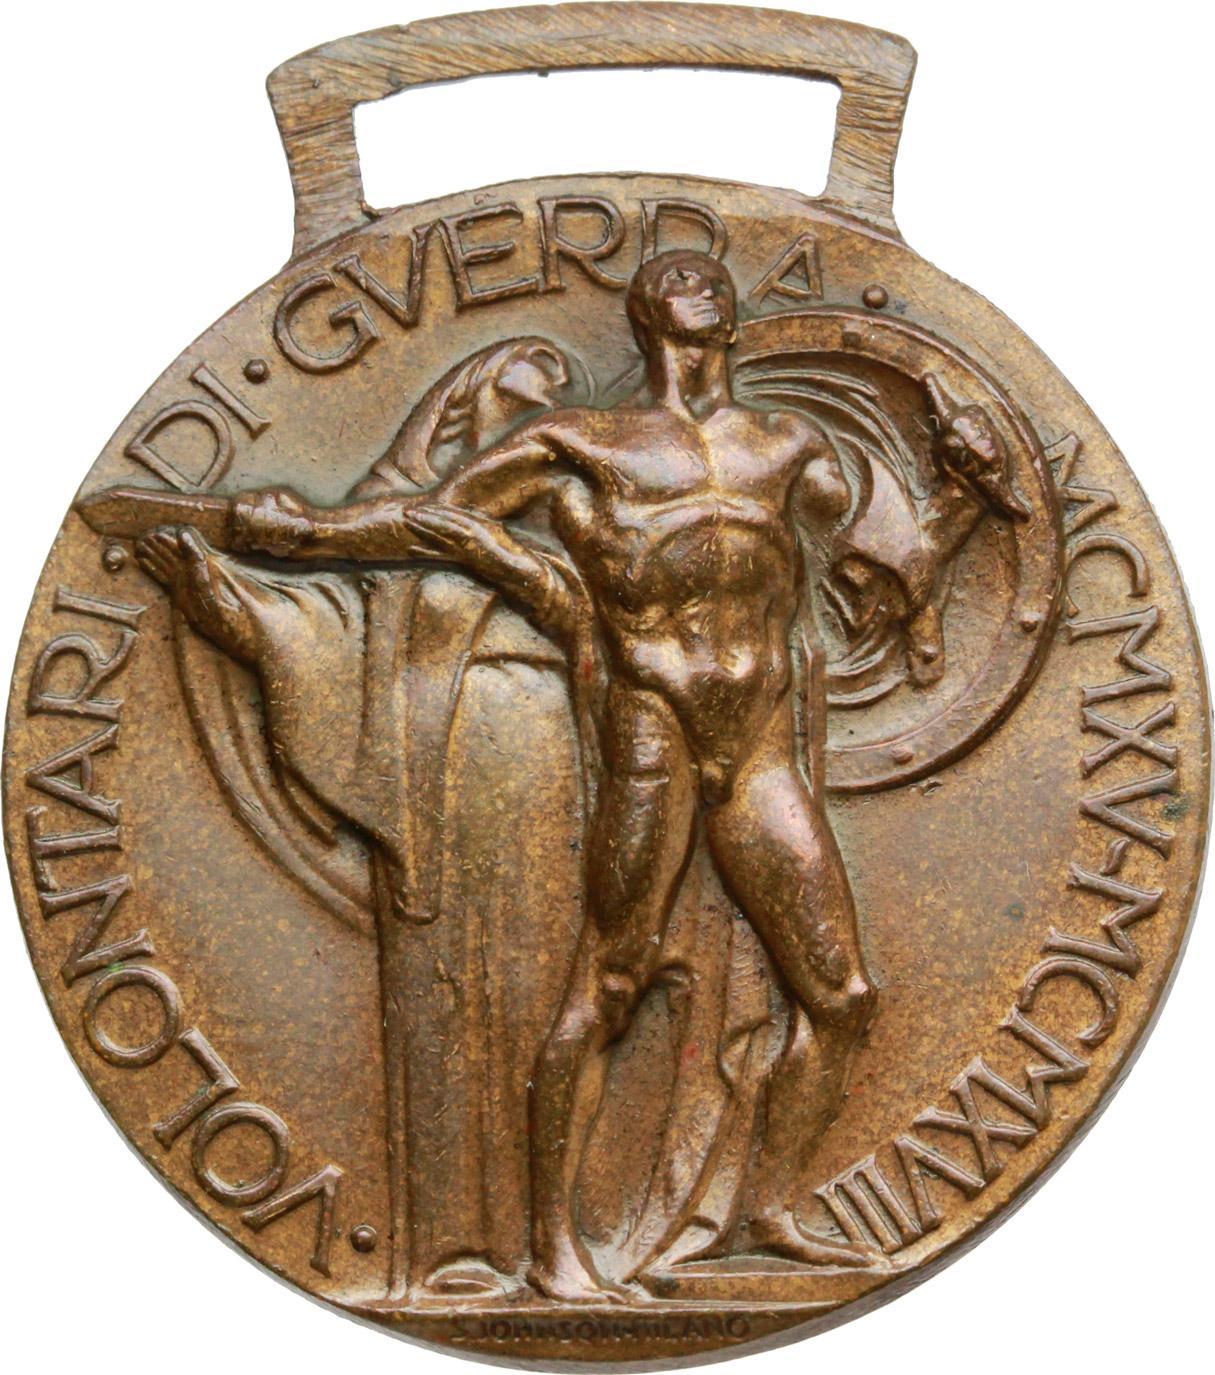 R/  Distintivo d'onore  per  gli ex irredenti italiani volontari della guerra MCMXV-MCMXVIII.    Brambilla p. 866. AE.   mm. 32.00 Inc. Morbiducci.   SPL.